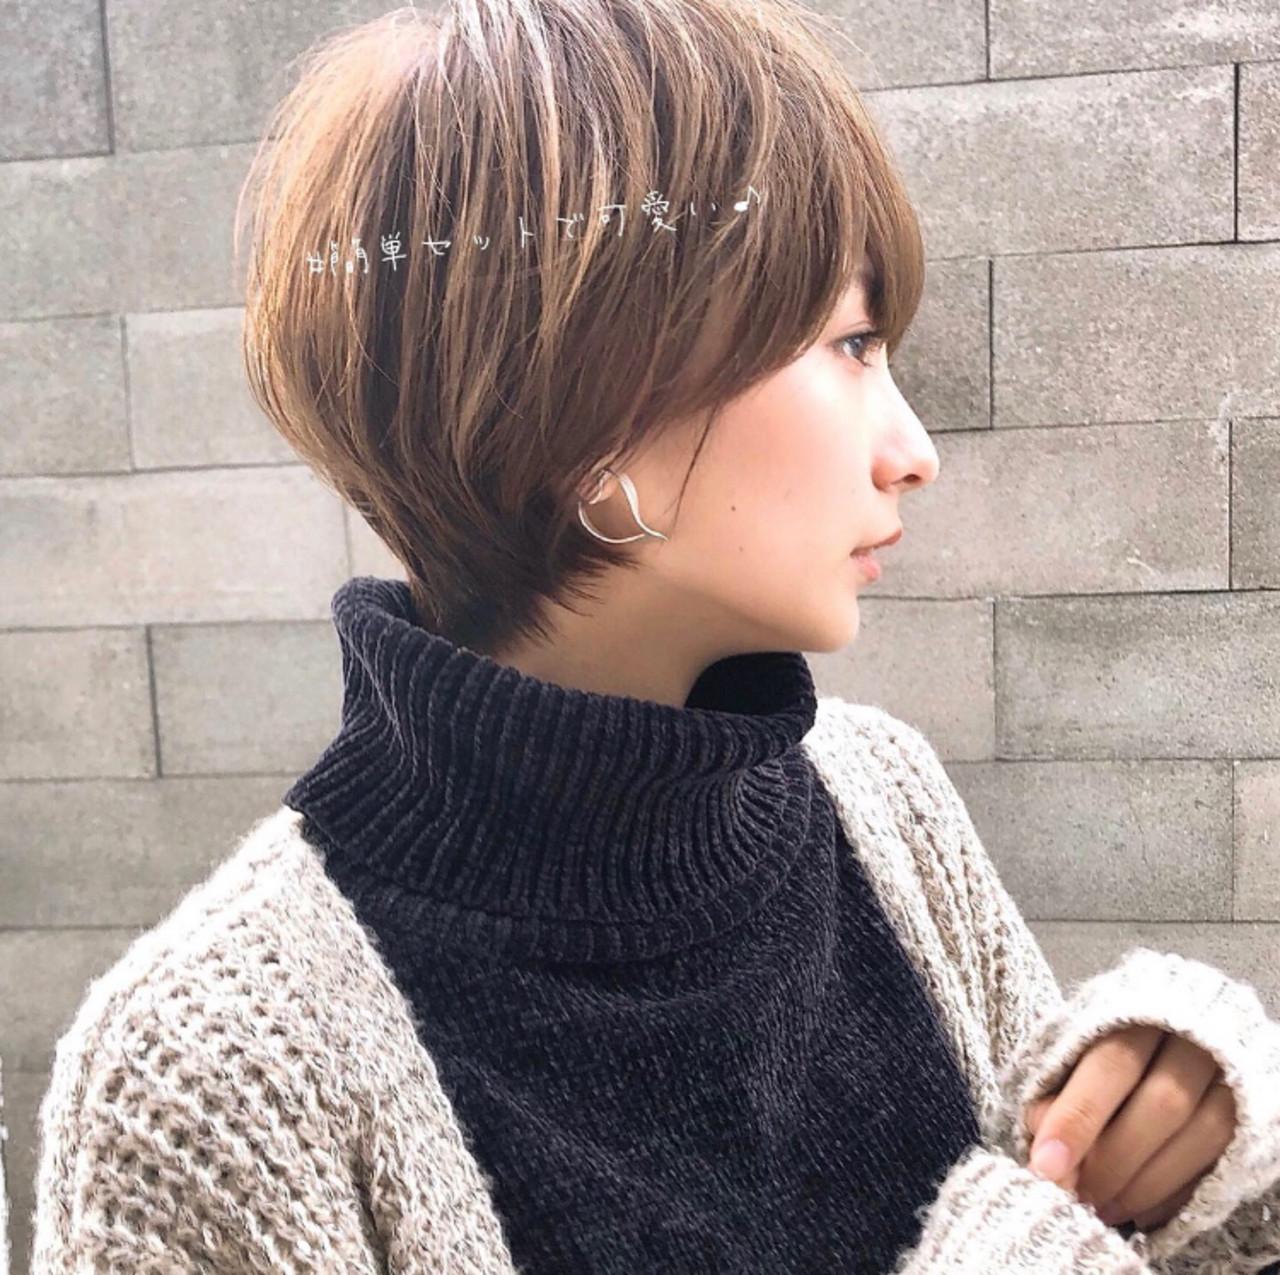 丸みショート ショートヘア アンニュイほつれヘア ショート ヘアスタイルや髪型の写真・画像 | 大上海人 / LAS omotesando